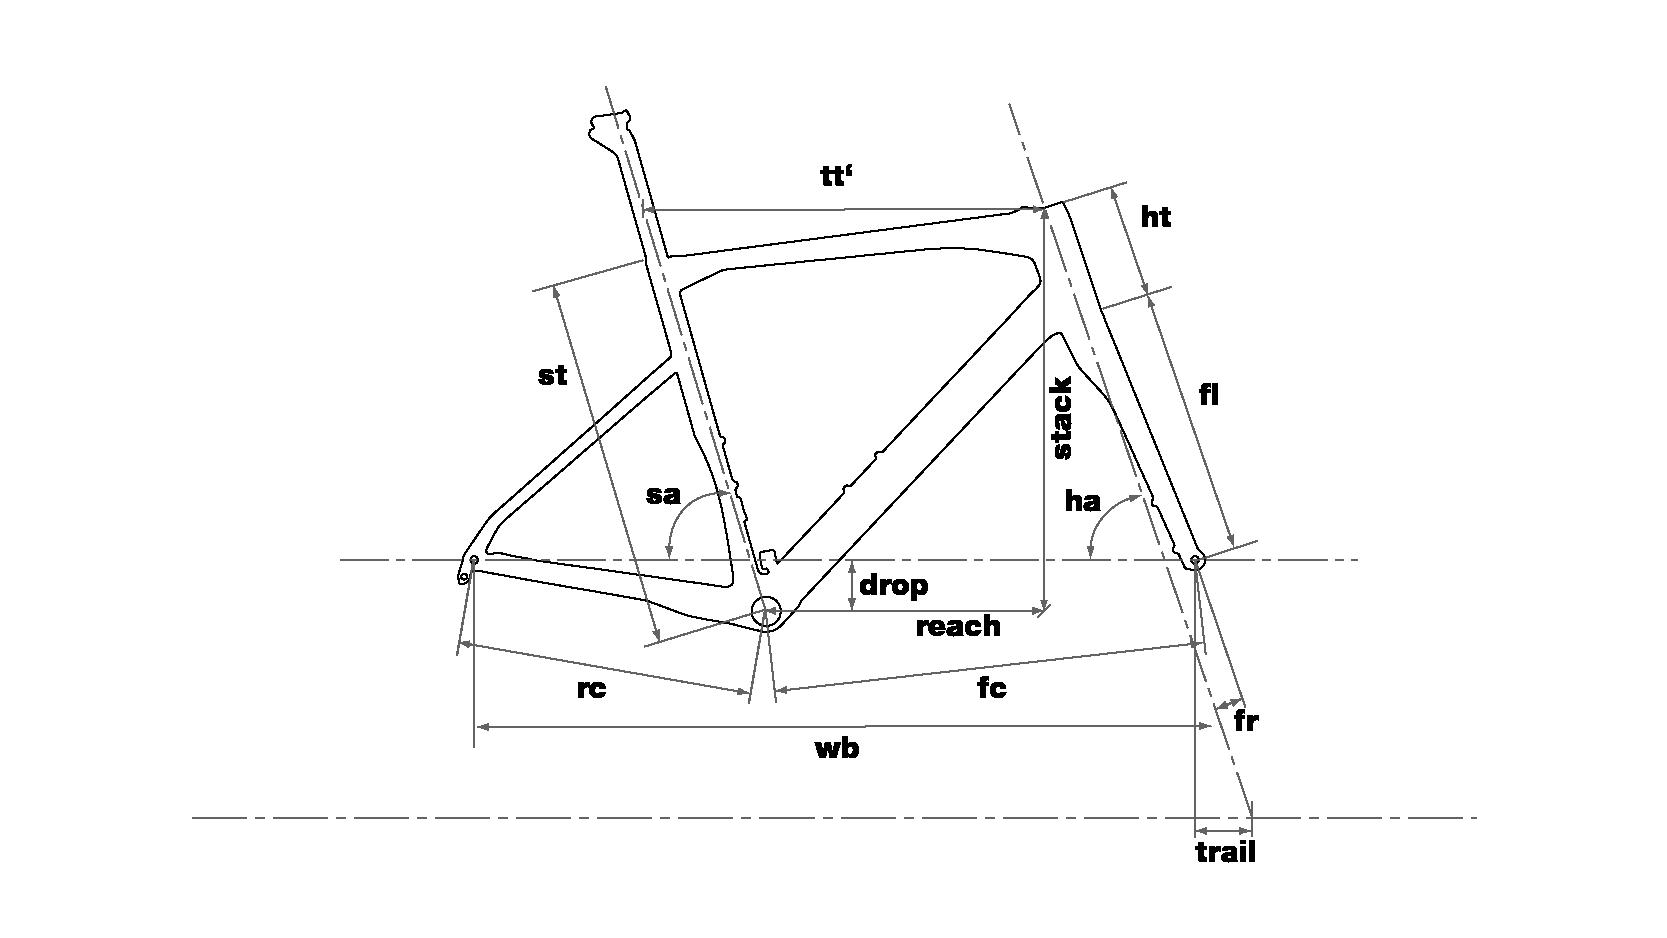 BMC-20-RM02-01